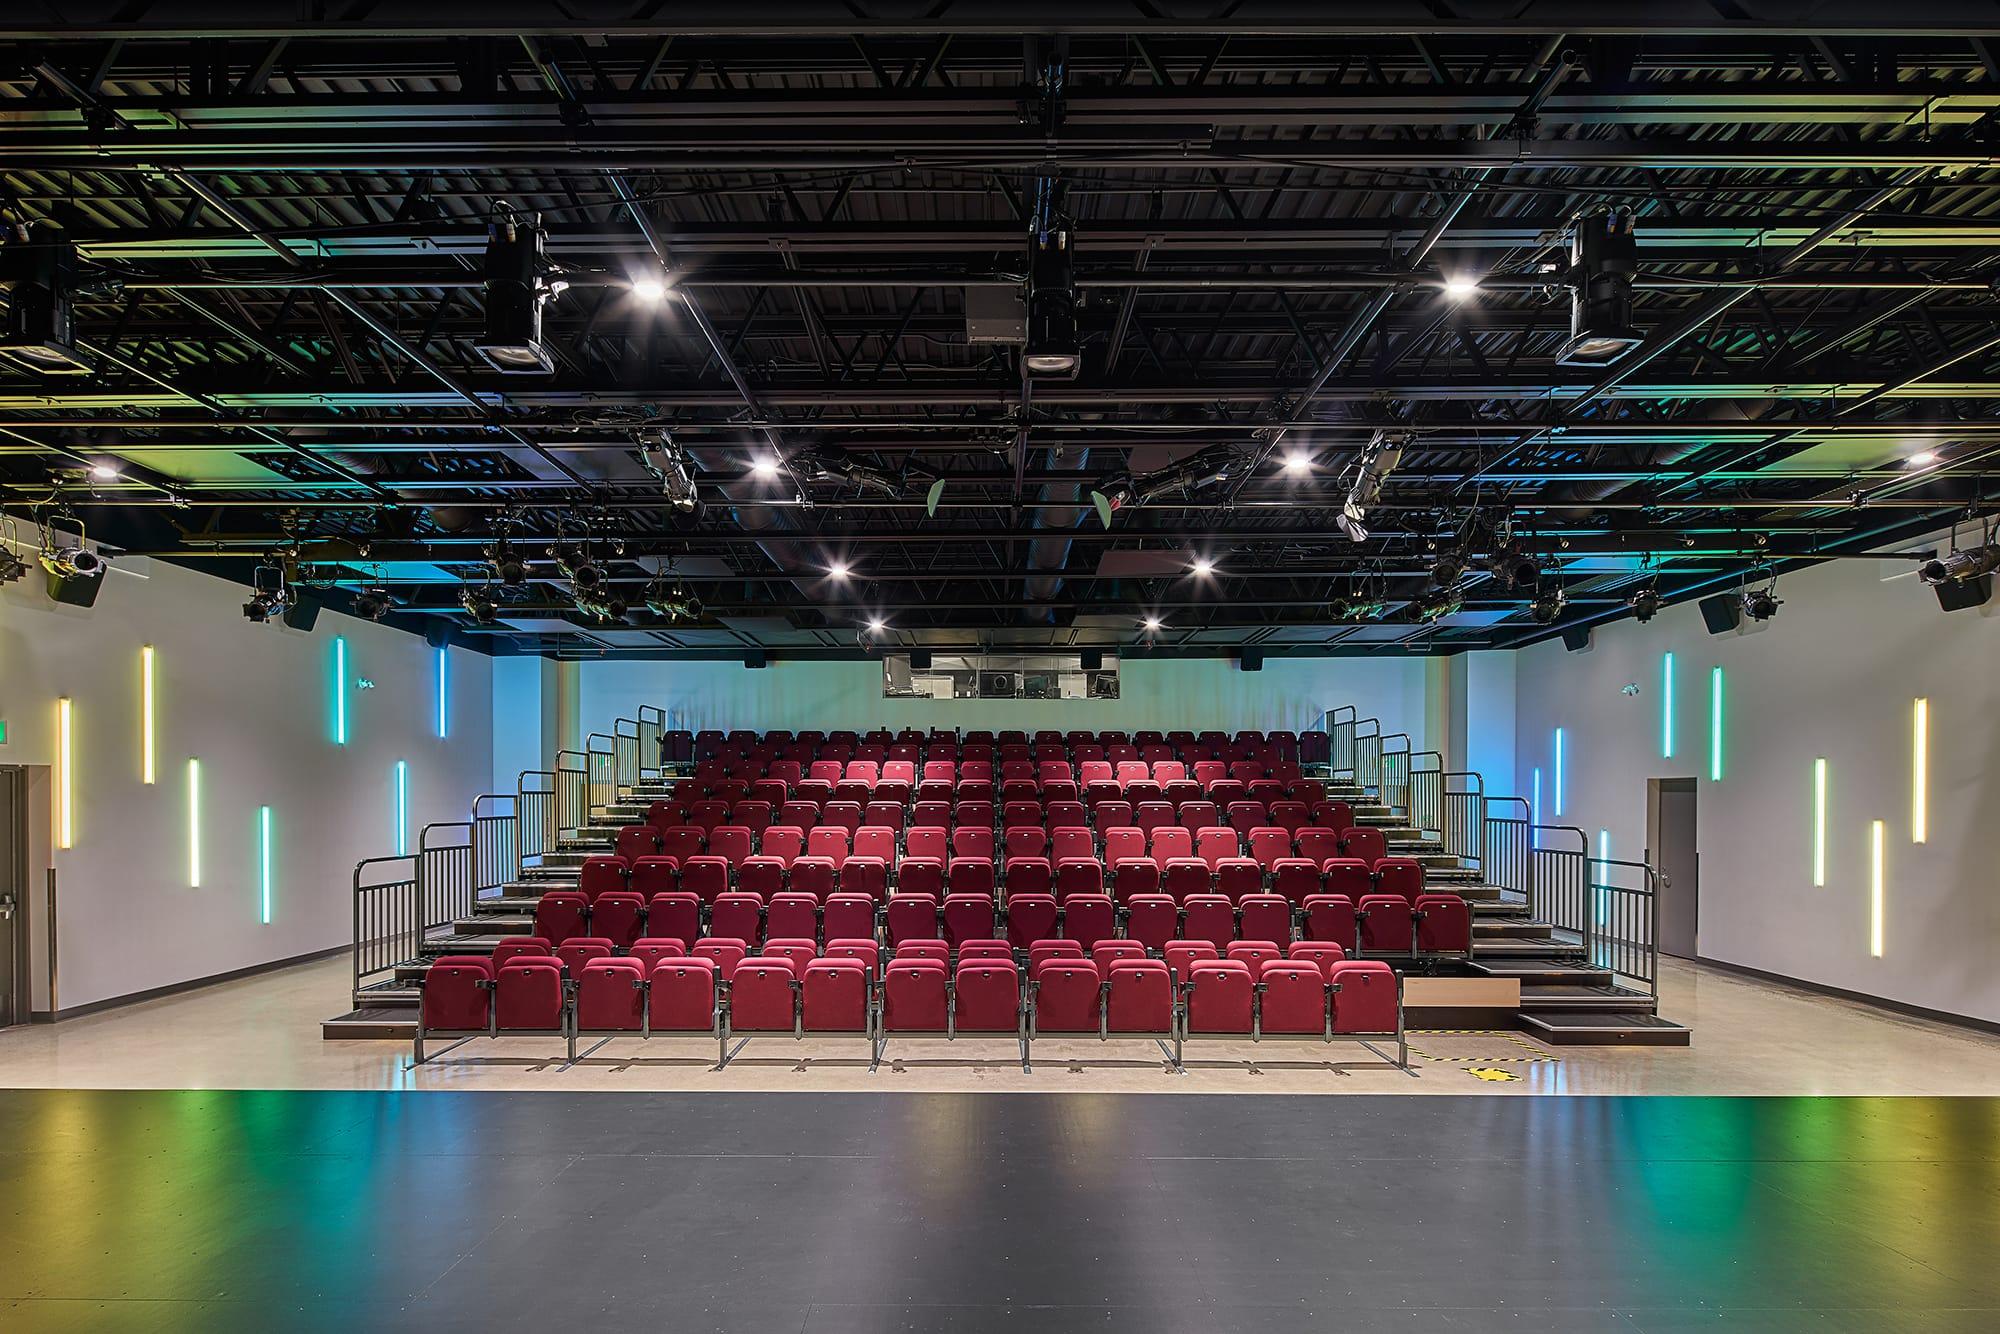 Performing Arts Theatre of Hinton interior